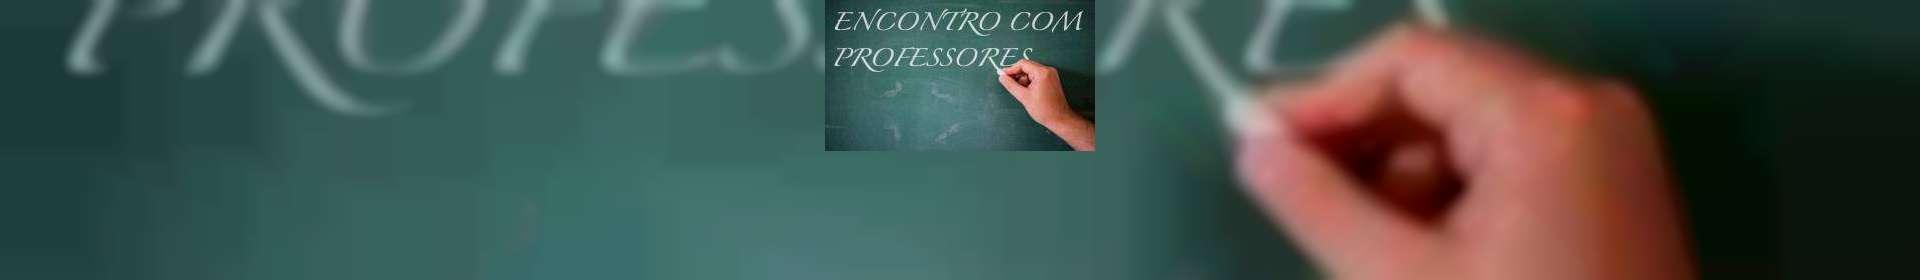 Nasce o Salvador: O Natal - Encontro com Professores